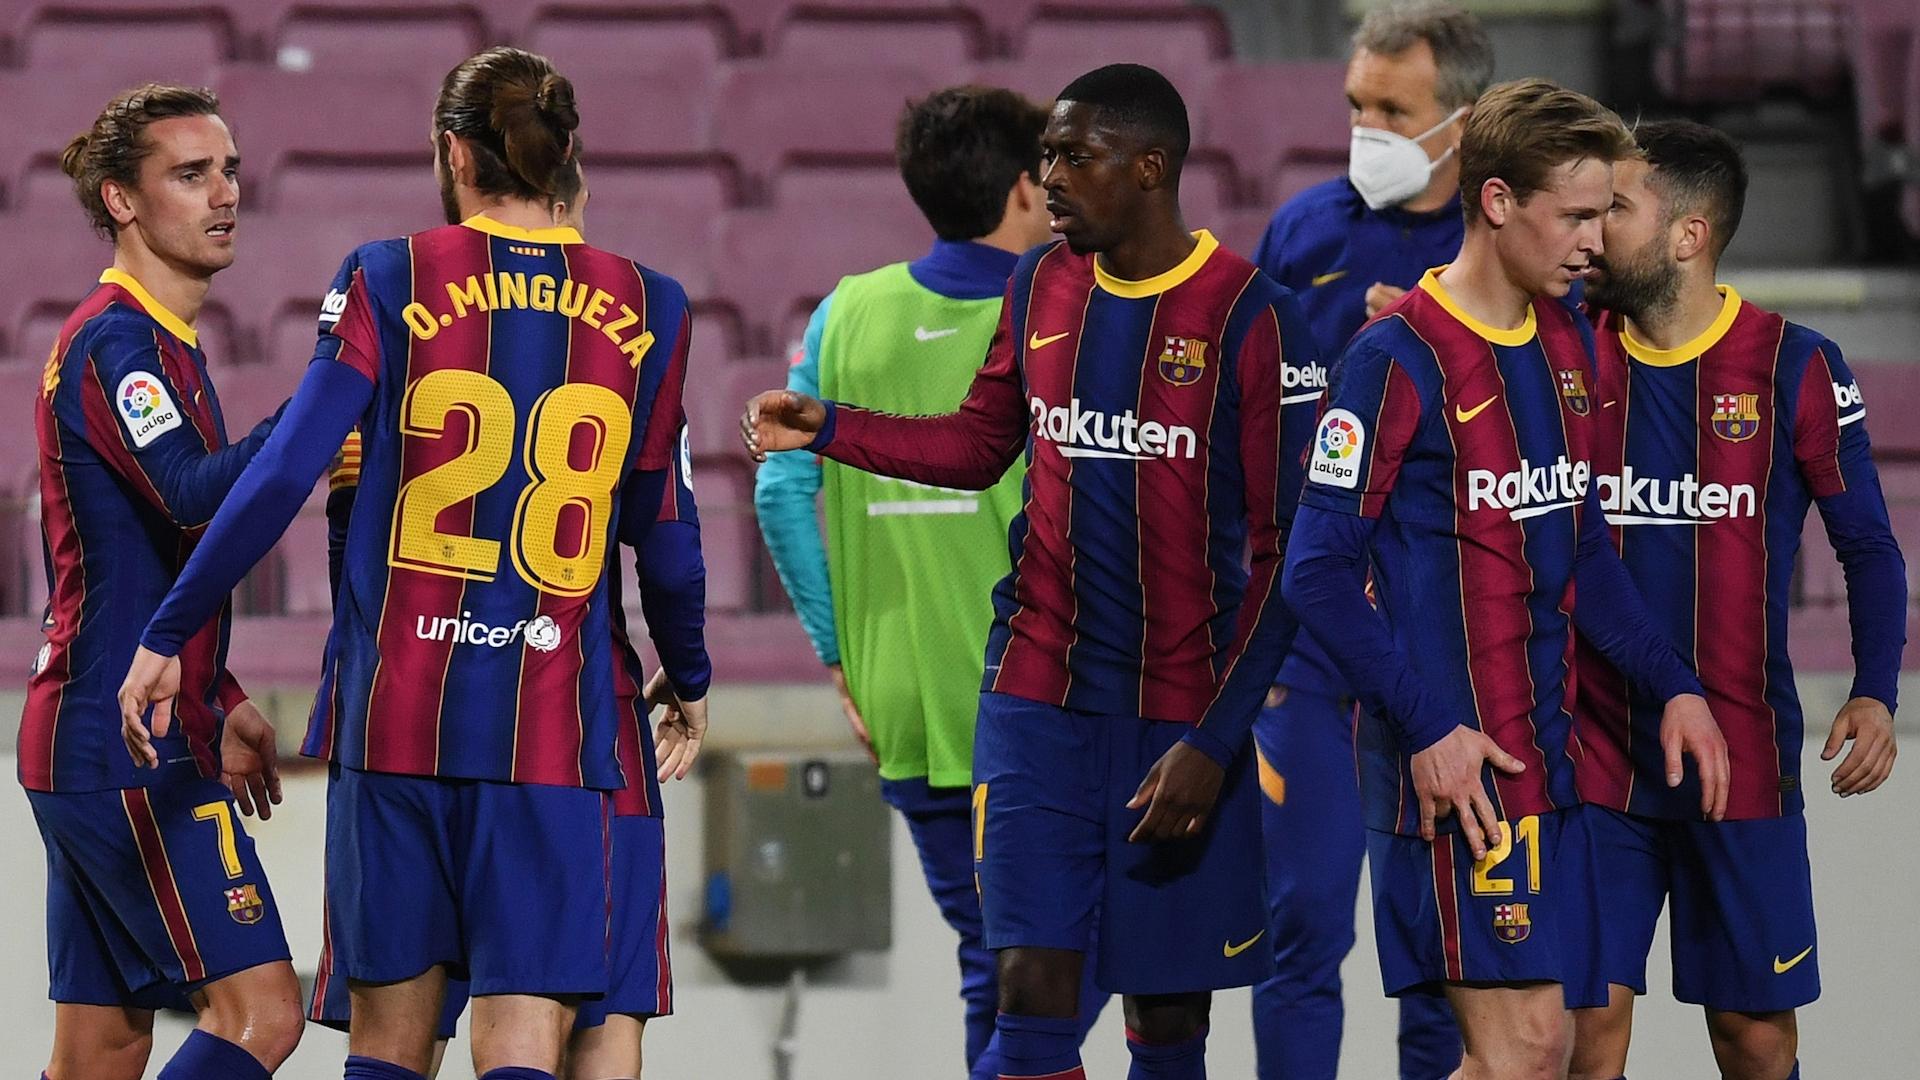 Στοίχημα προγνωστικά: Ποντάρισμα στα γκολ στο Κύπελλο Ισπανίας